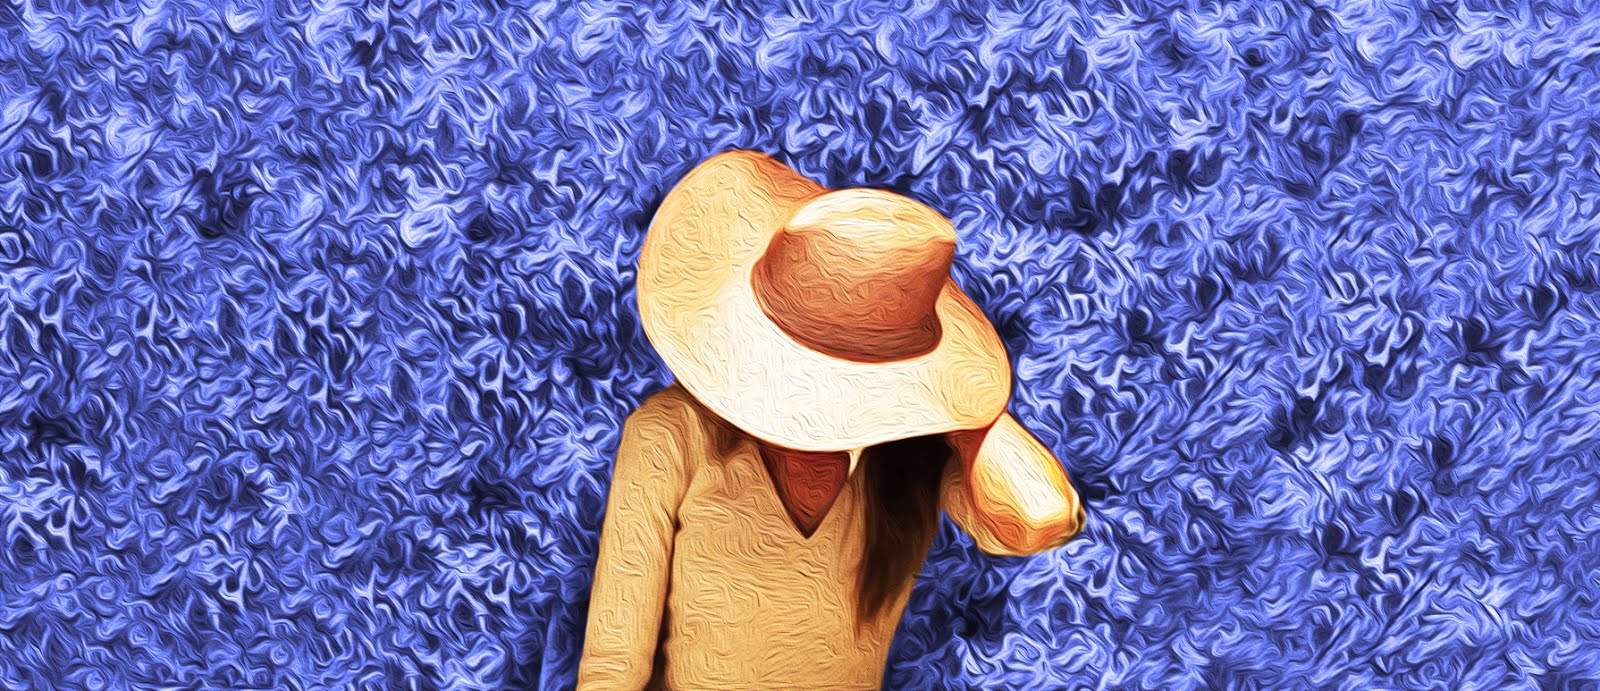 Triunfo Arciniegas / Mujer con sombrero